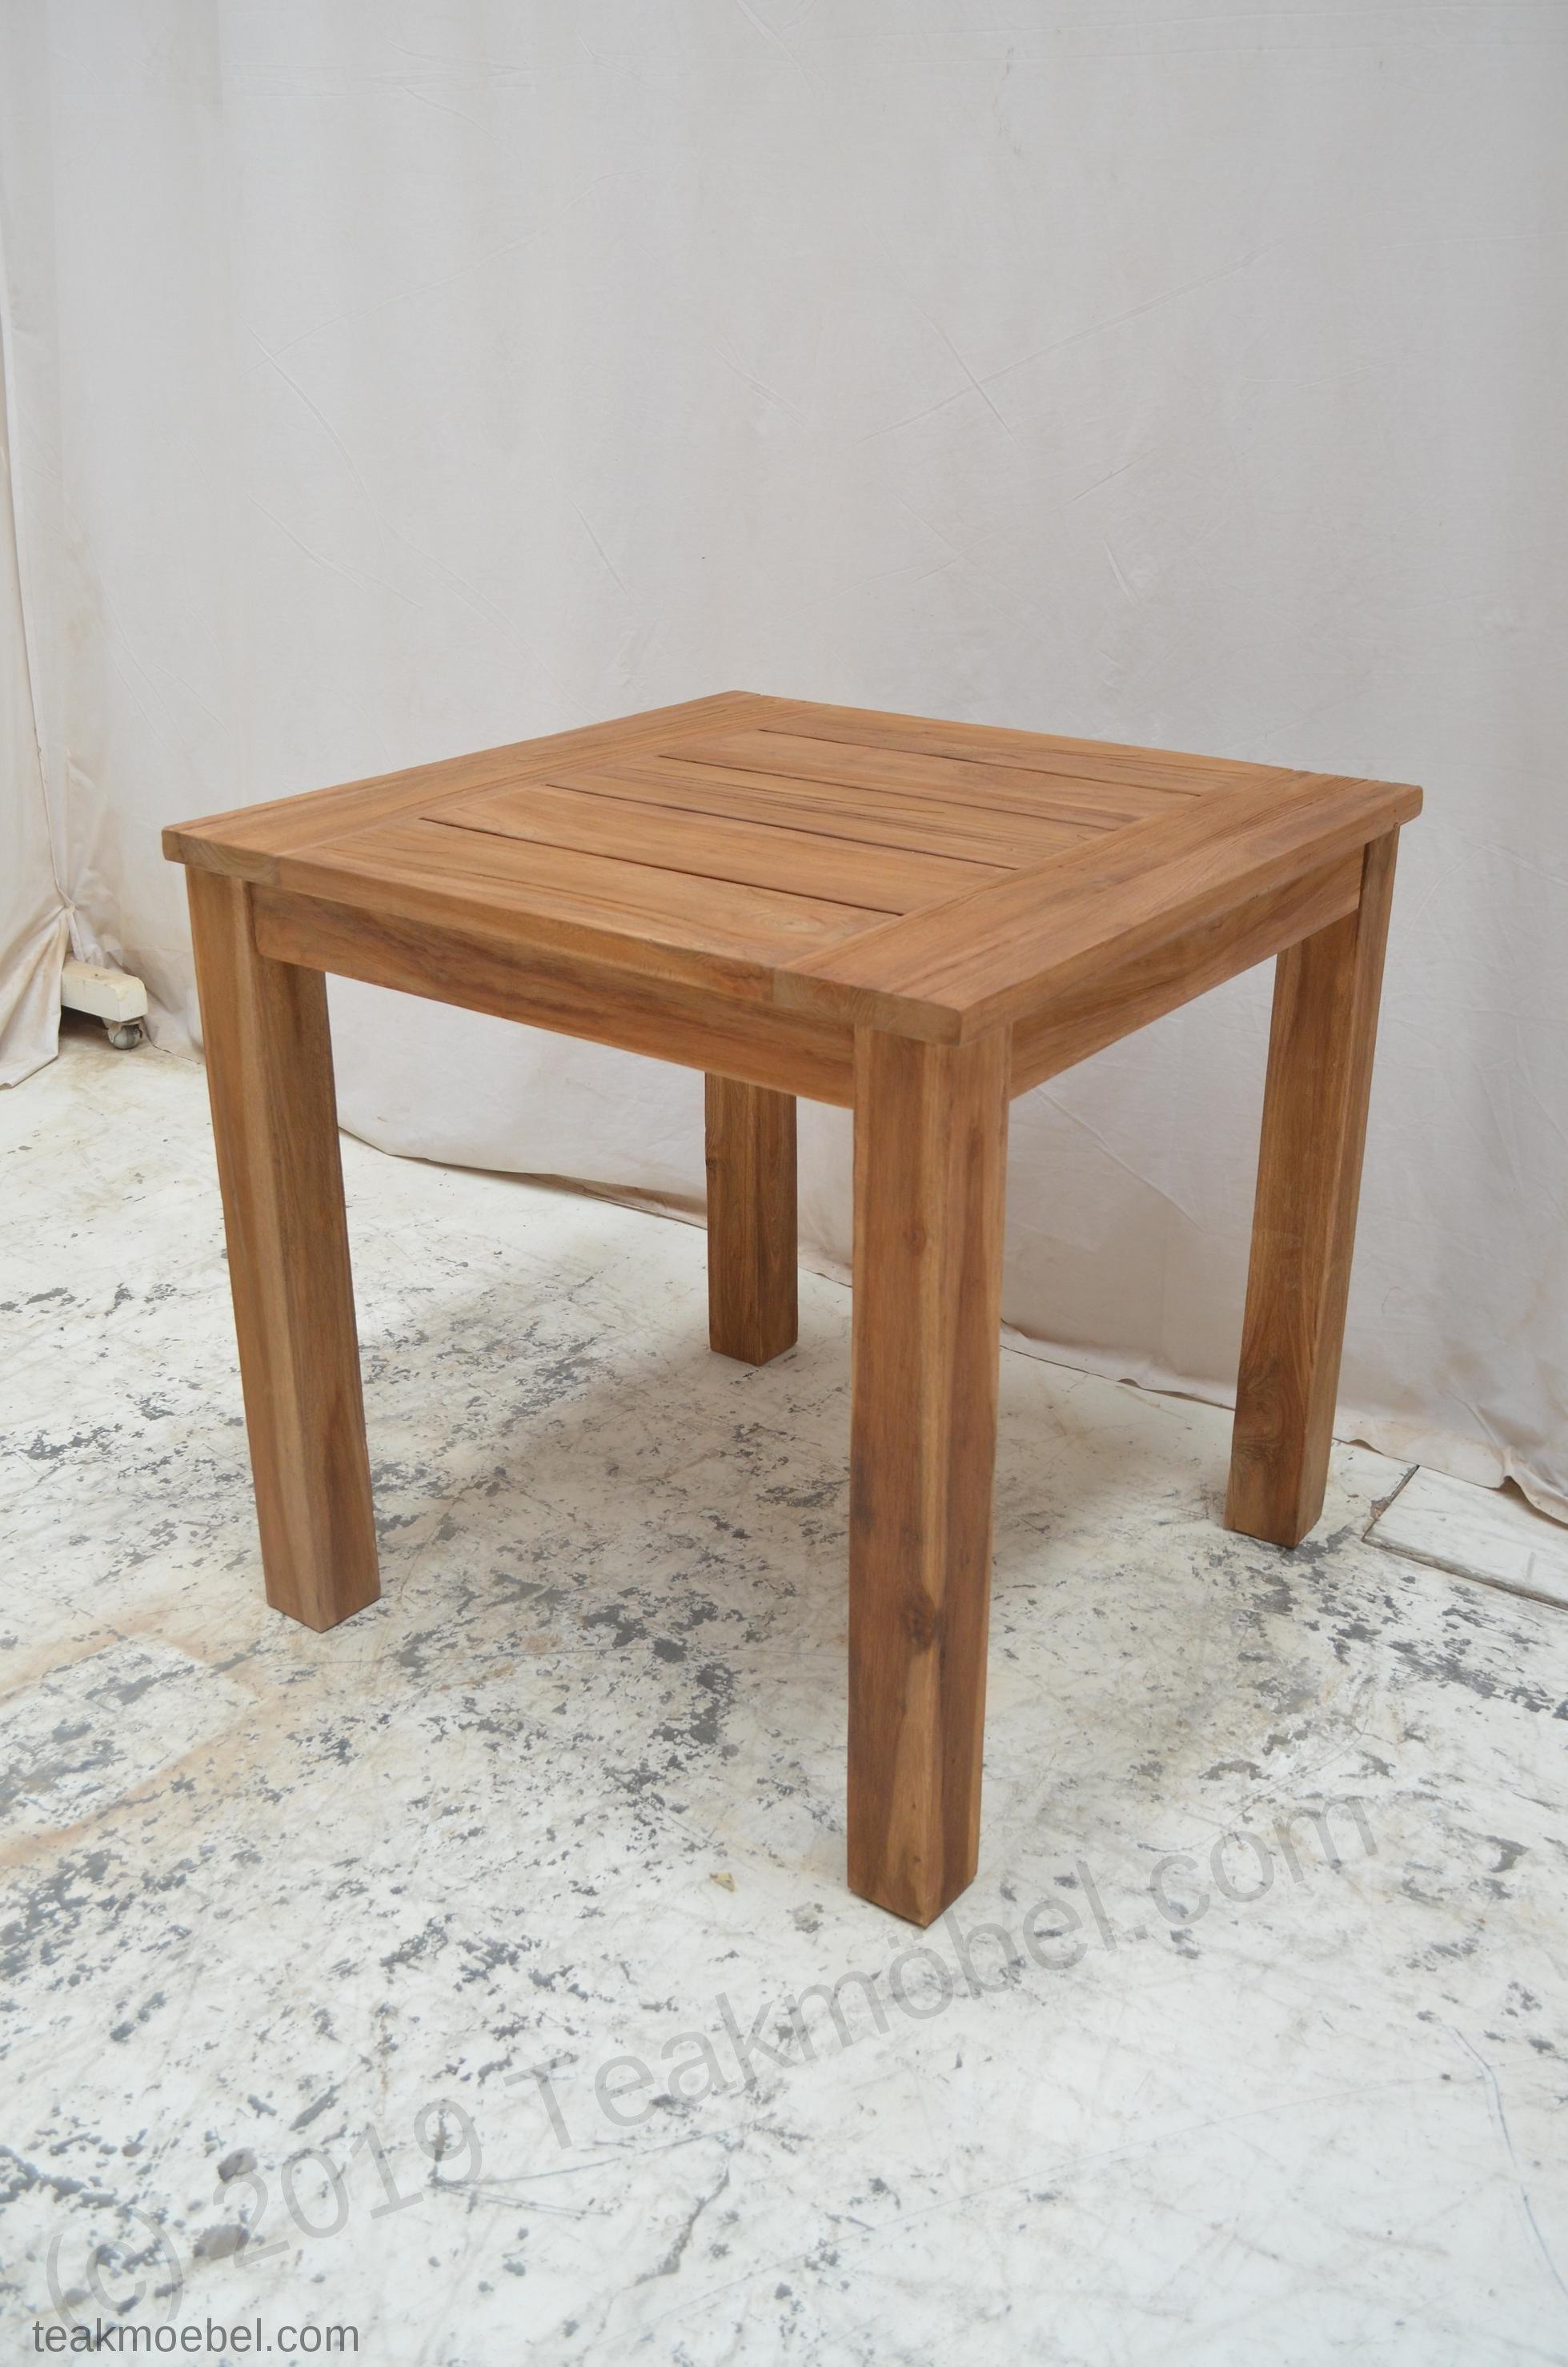 Gartentisch 90x90 Holzzuschnitte Online Kaufen Gartentisch Holz 9090